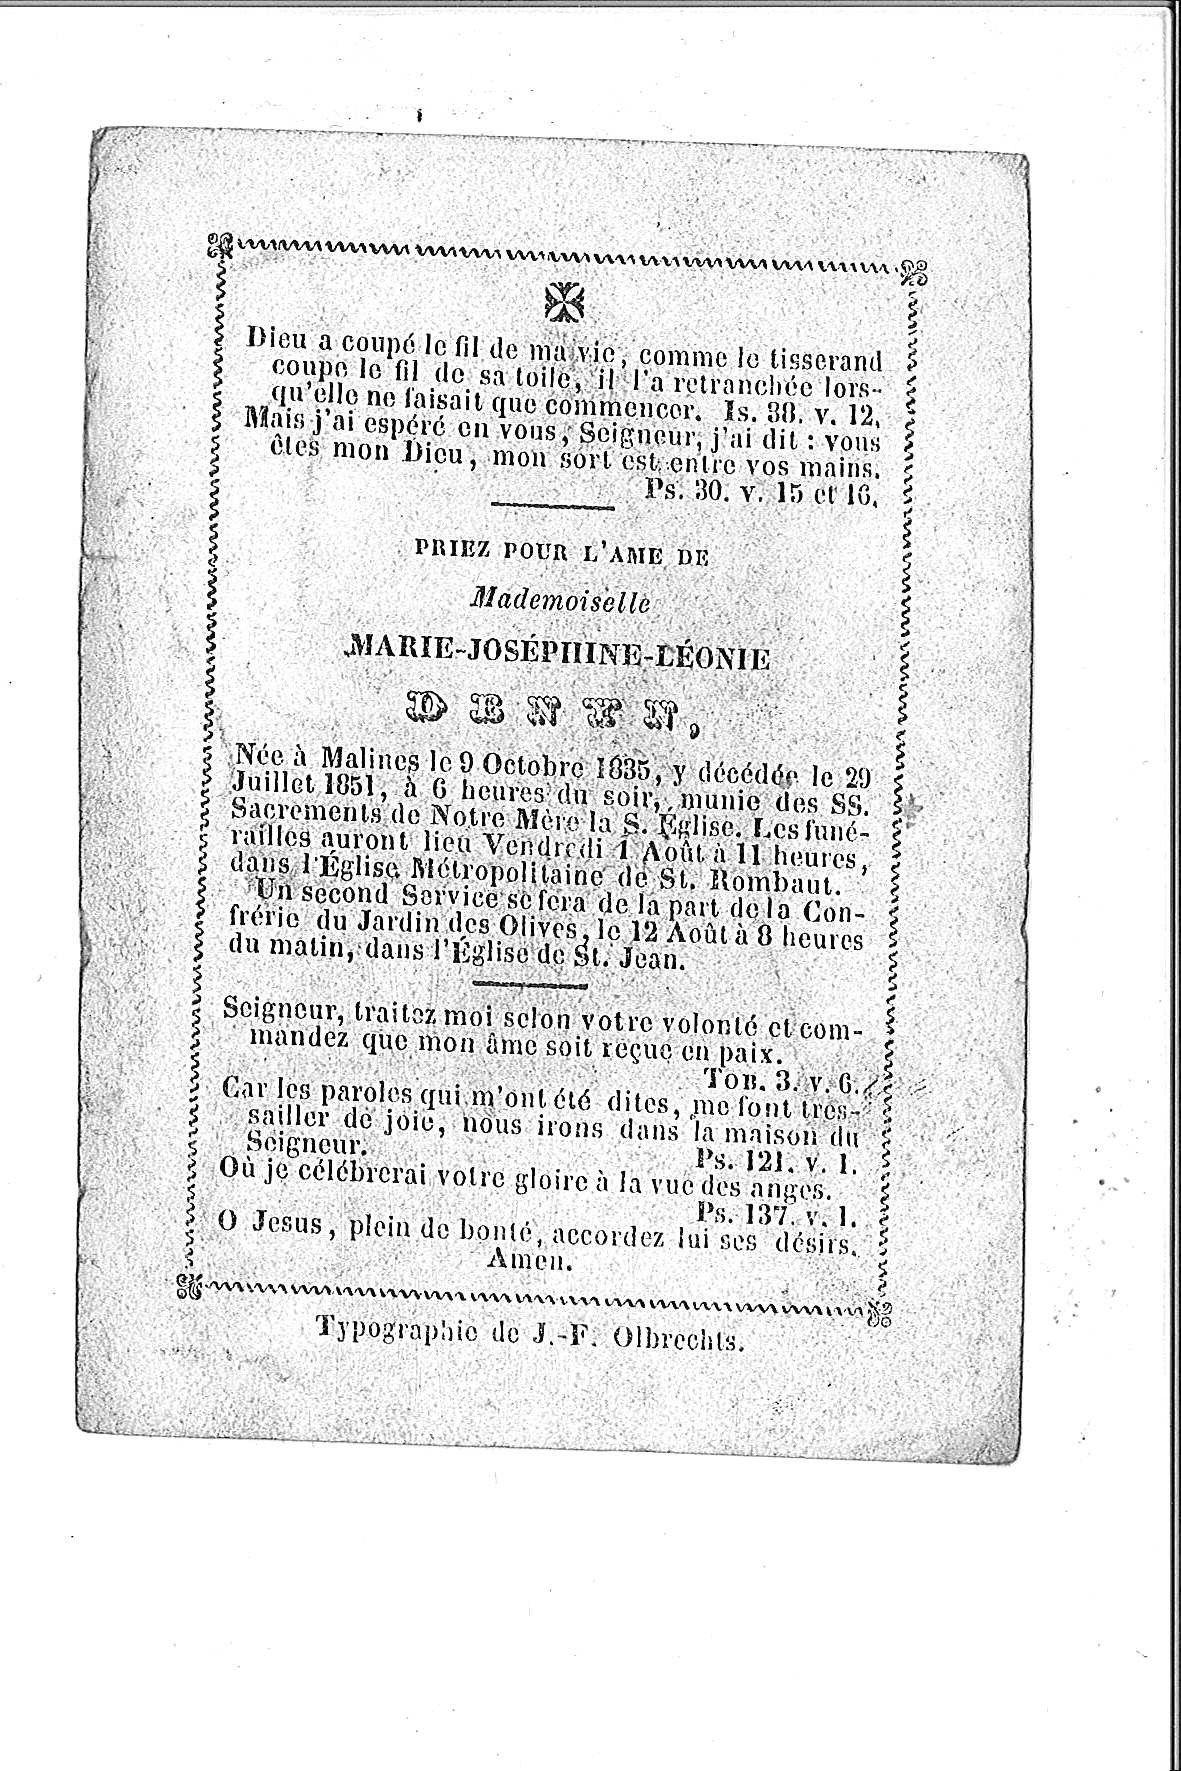 Marie-Josephine-Leonie(1851)20150415104000_00061.jpg